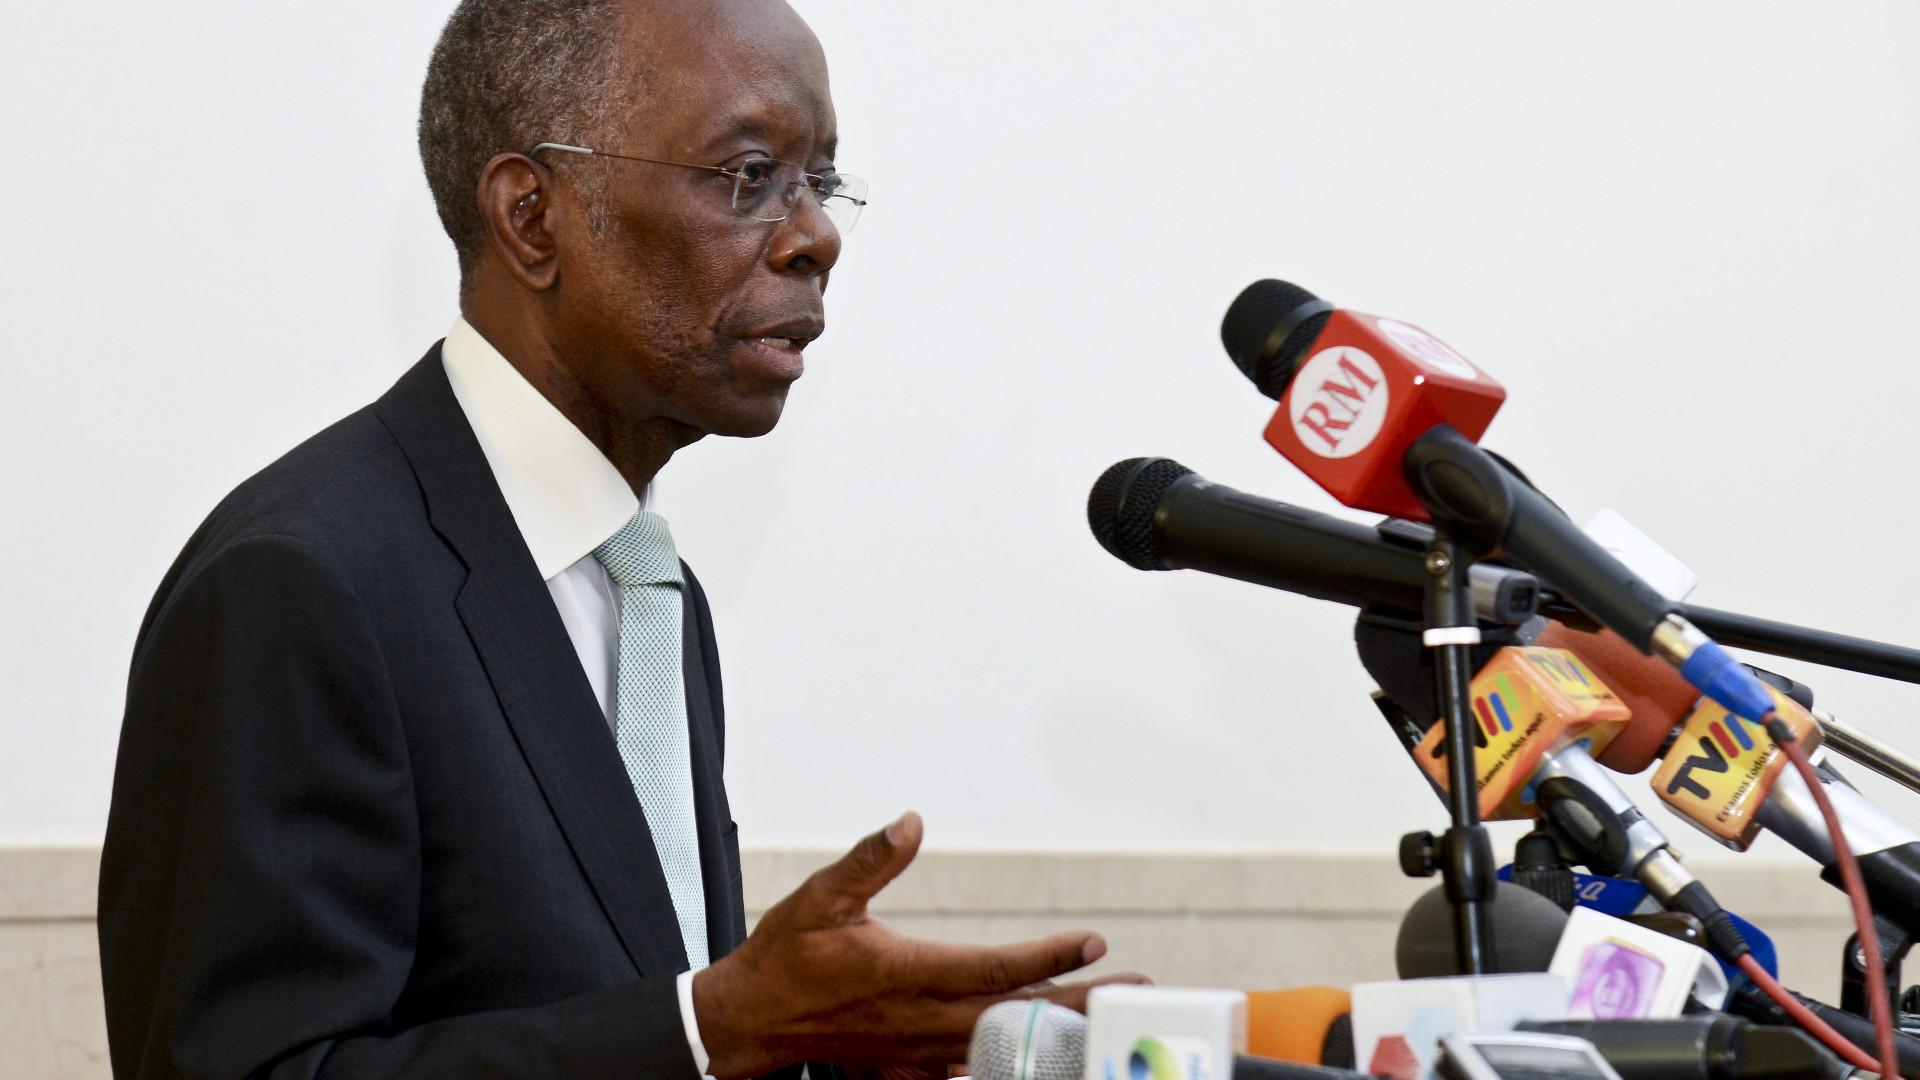 Ministro das Finanças de Moçambique seguro de acordo com credores